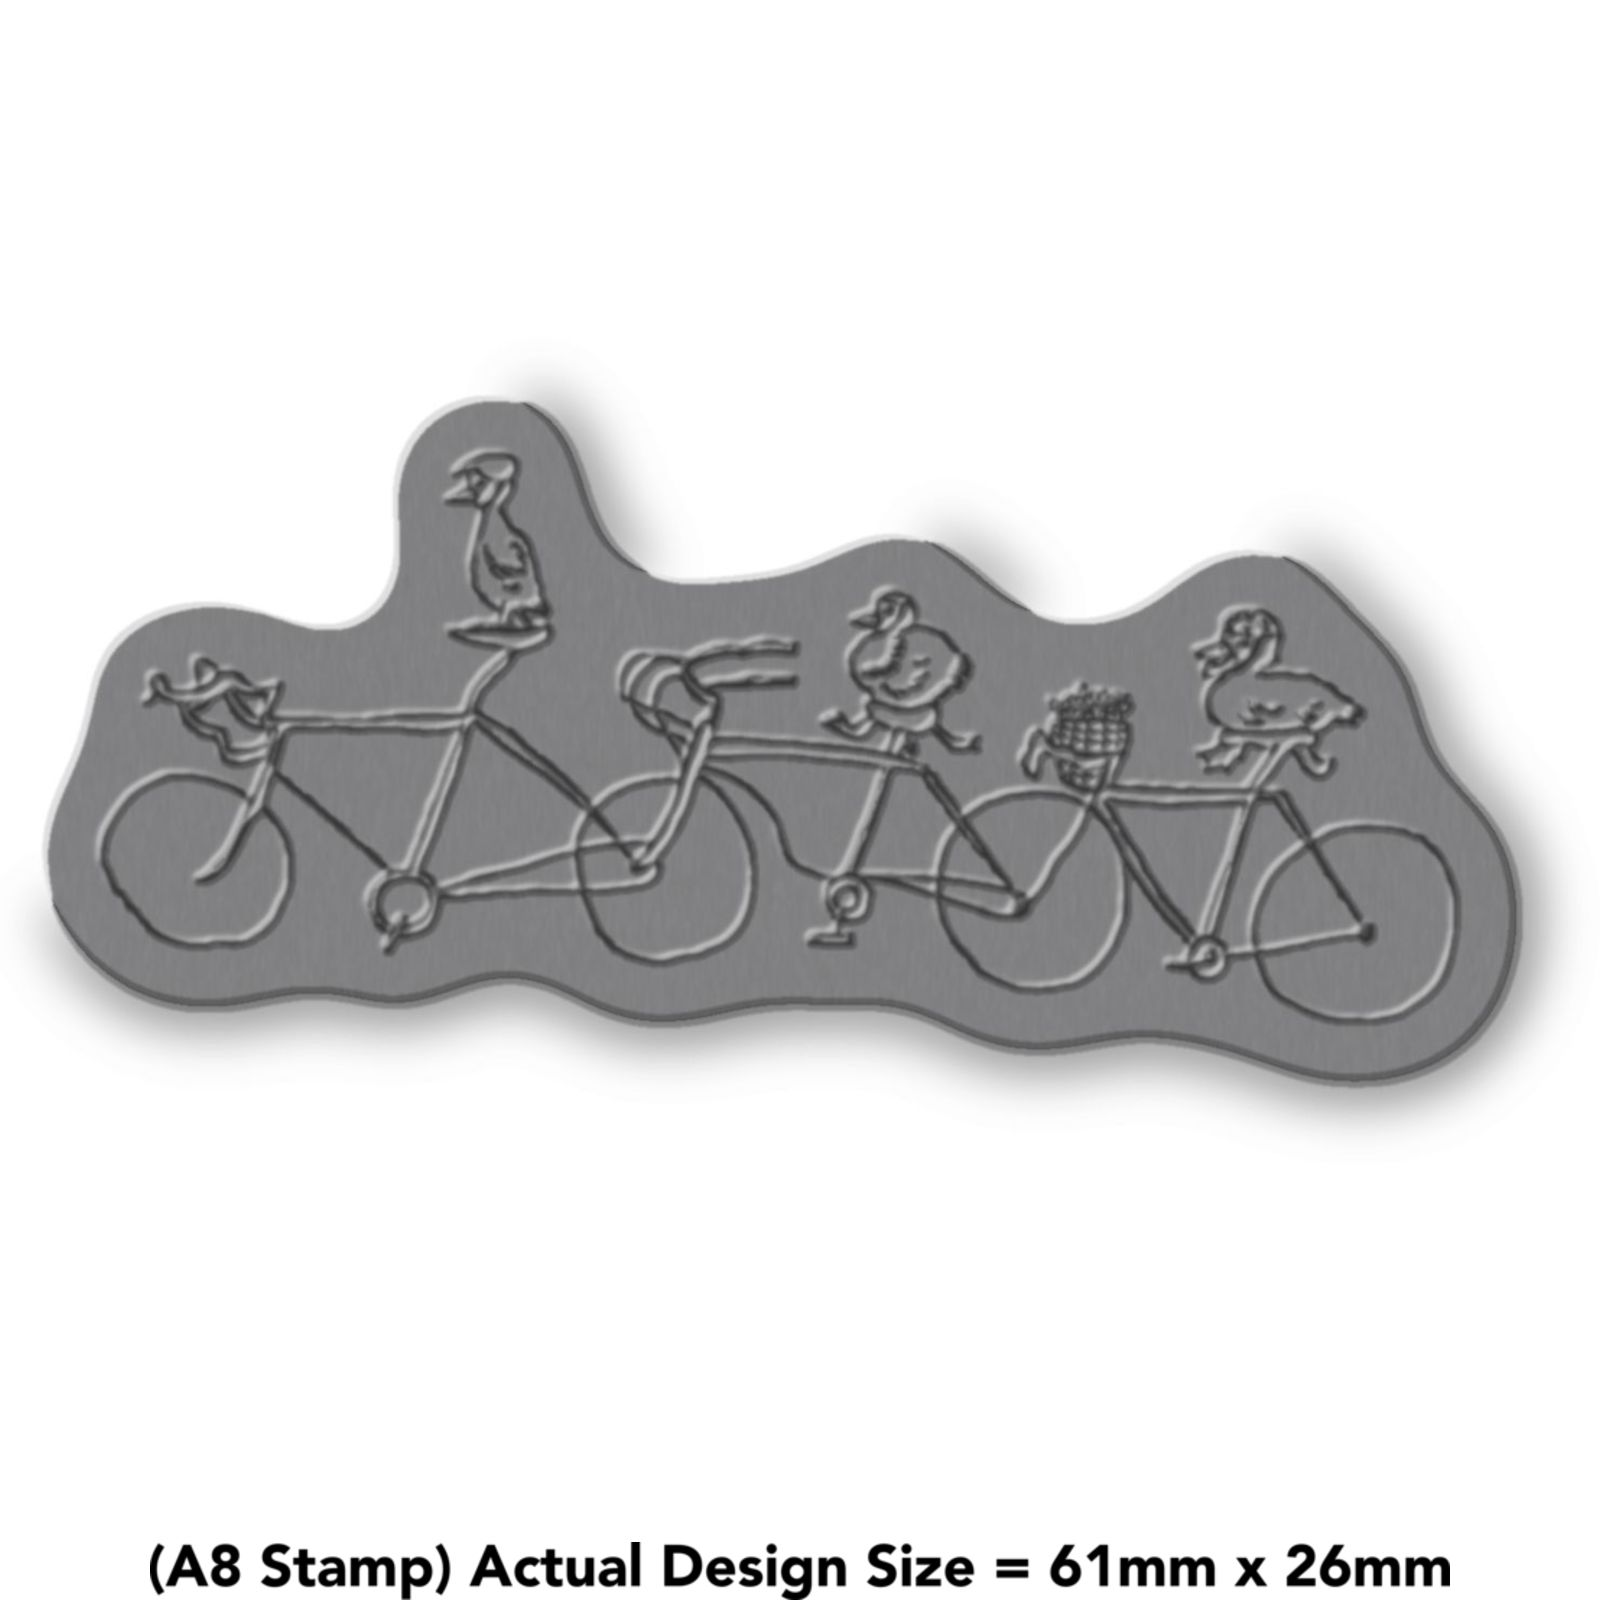 039-Patos-de-Ciclismo-039-RS008087 miniatura 6